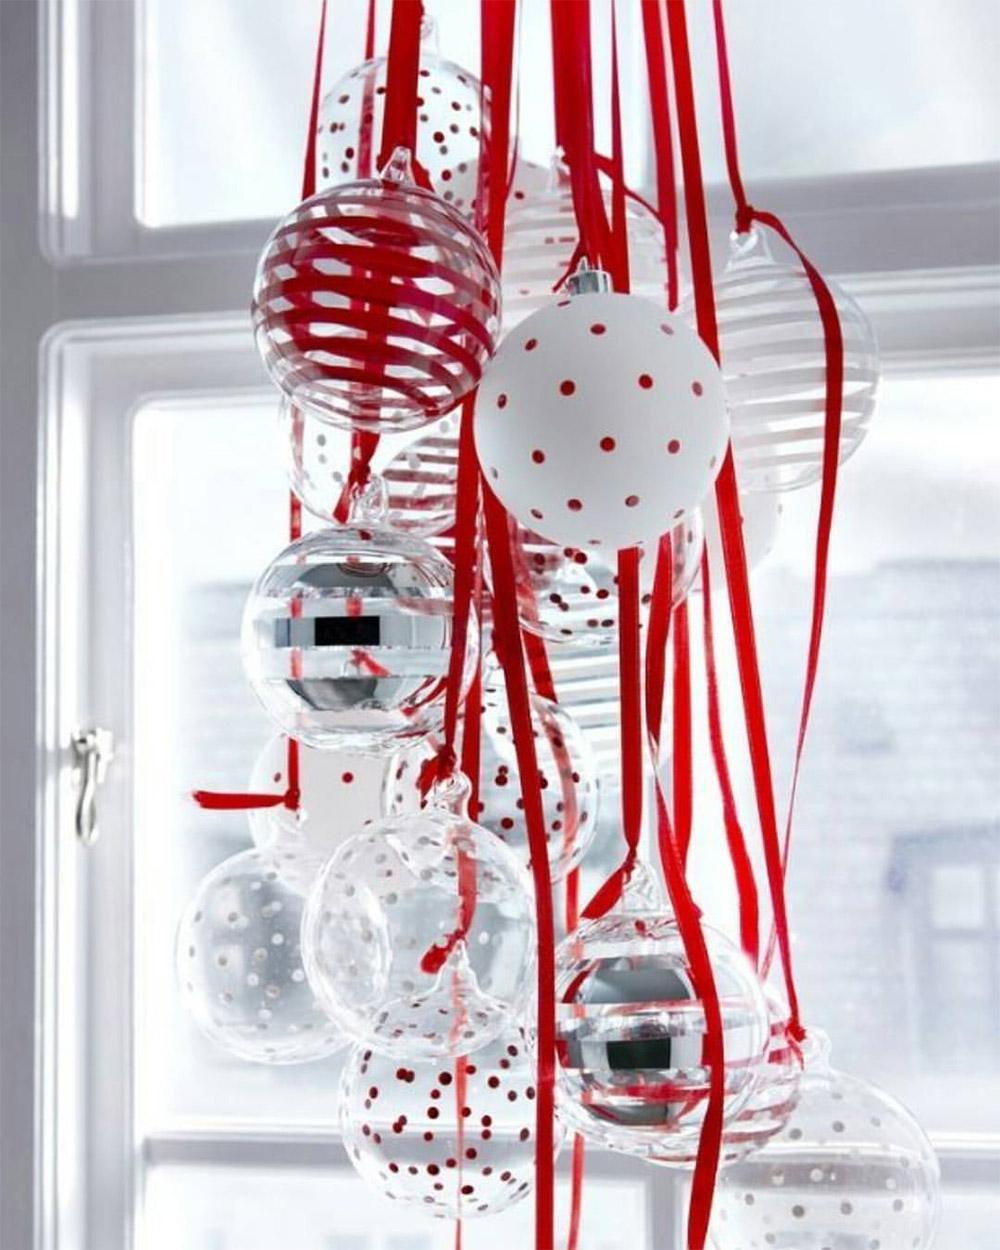 De simples boules accrochées à de jolis rubans suspendues à la fenêtre.